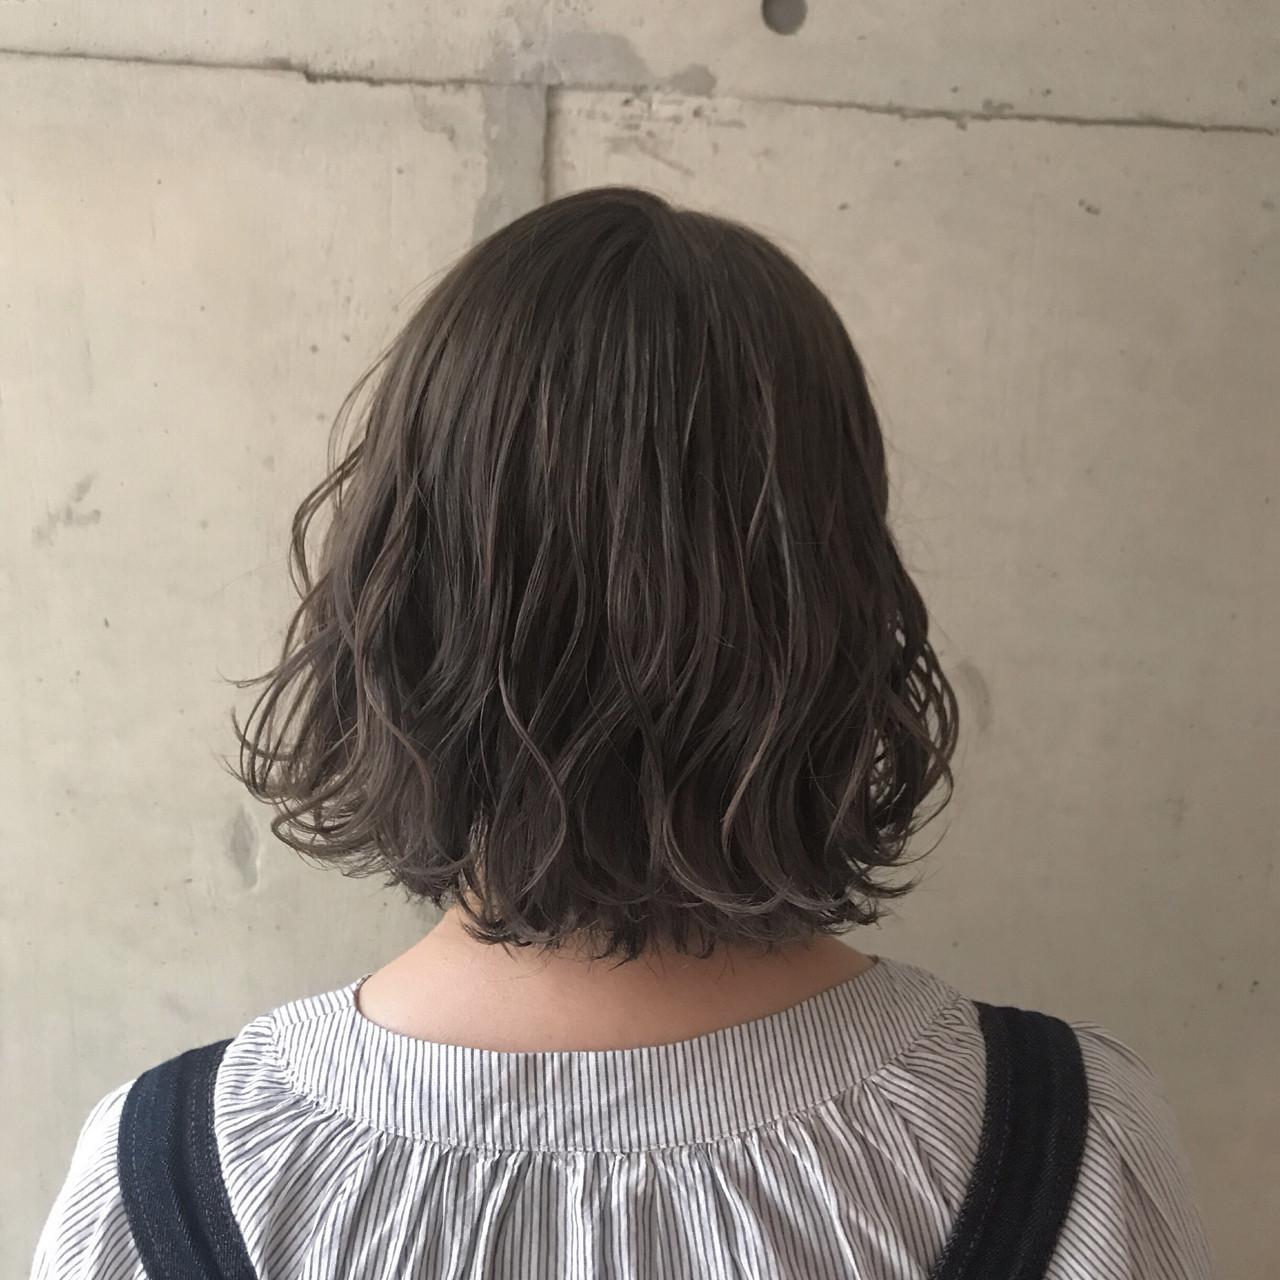 ウェーブ ドライフラワー ナチュラル ボブ ヘアスタイルや髪型の写真・画像